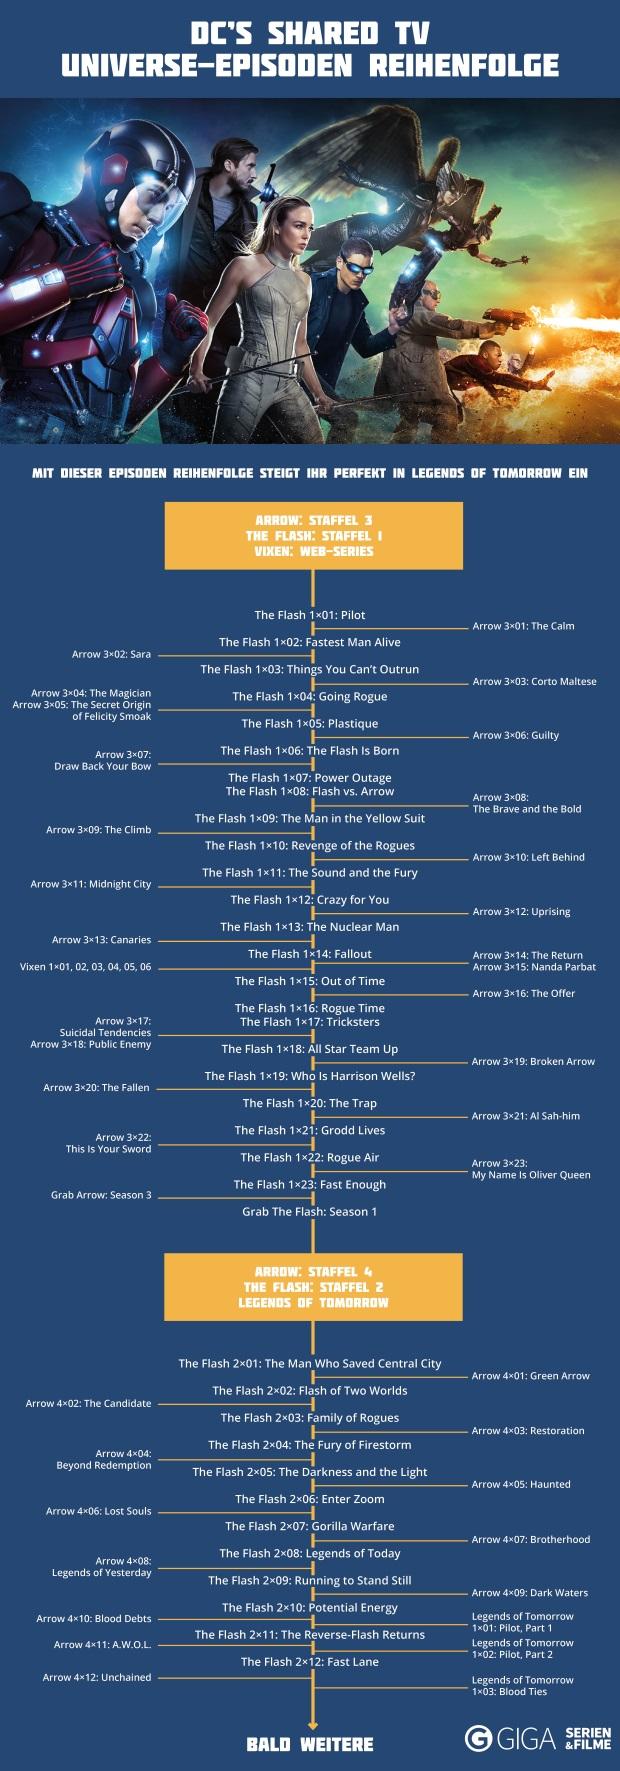 Legends Of Tomorrow Episodenguide In Dieser Reihenfolge Musst Ihr Arrow Flash Und Lot Gucken Infografik